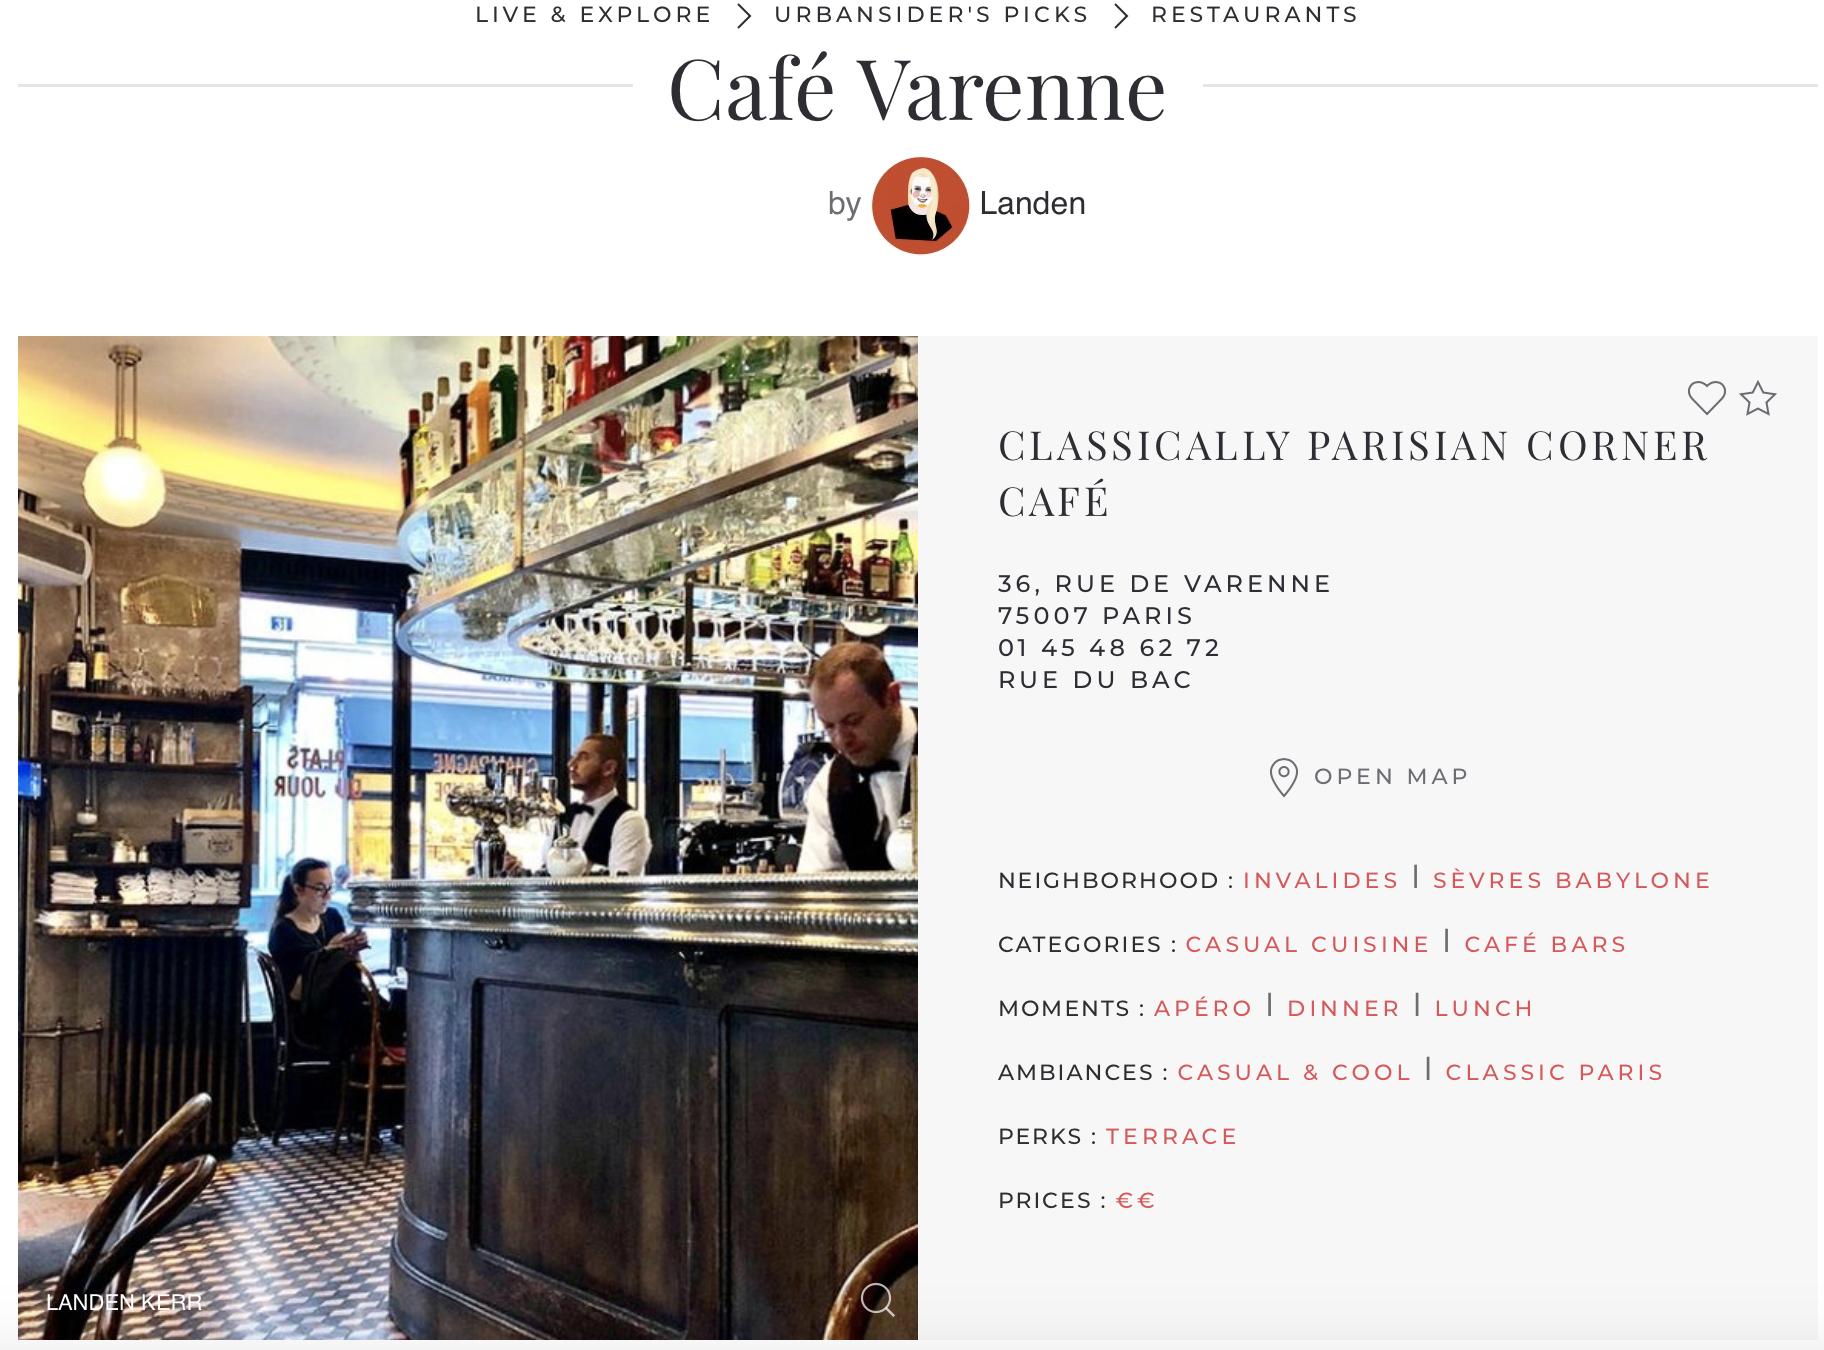 Urbansider Café Varenne Review